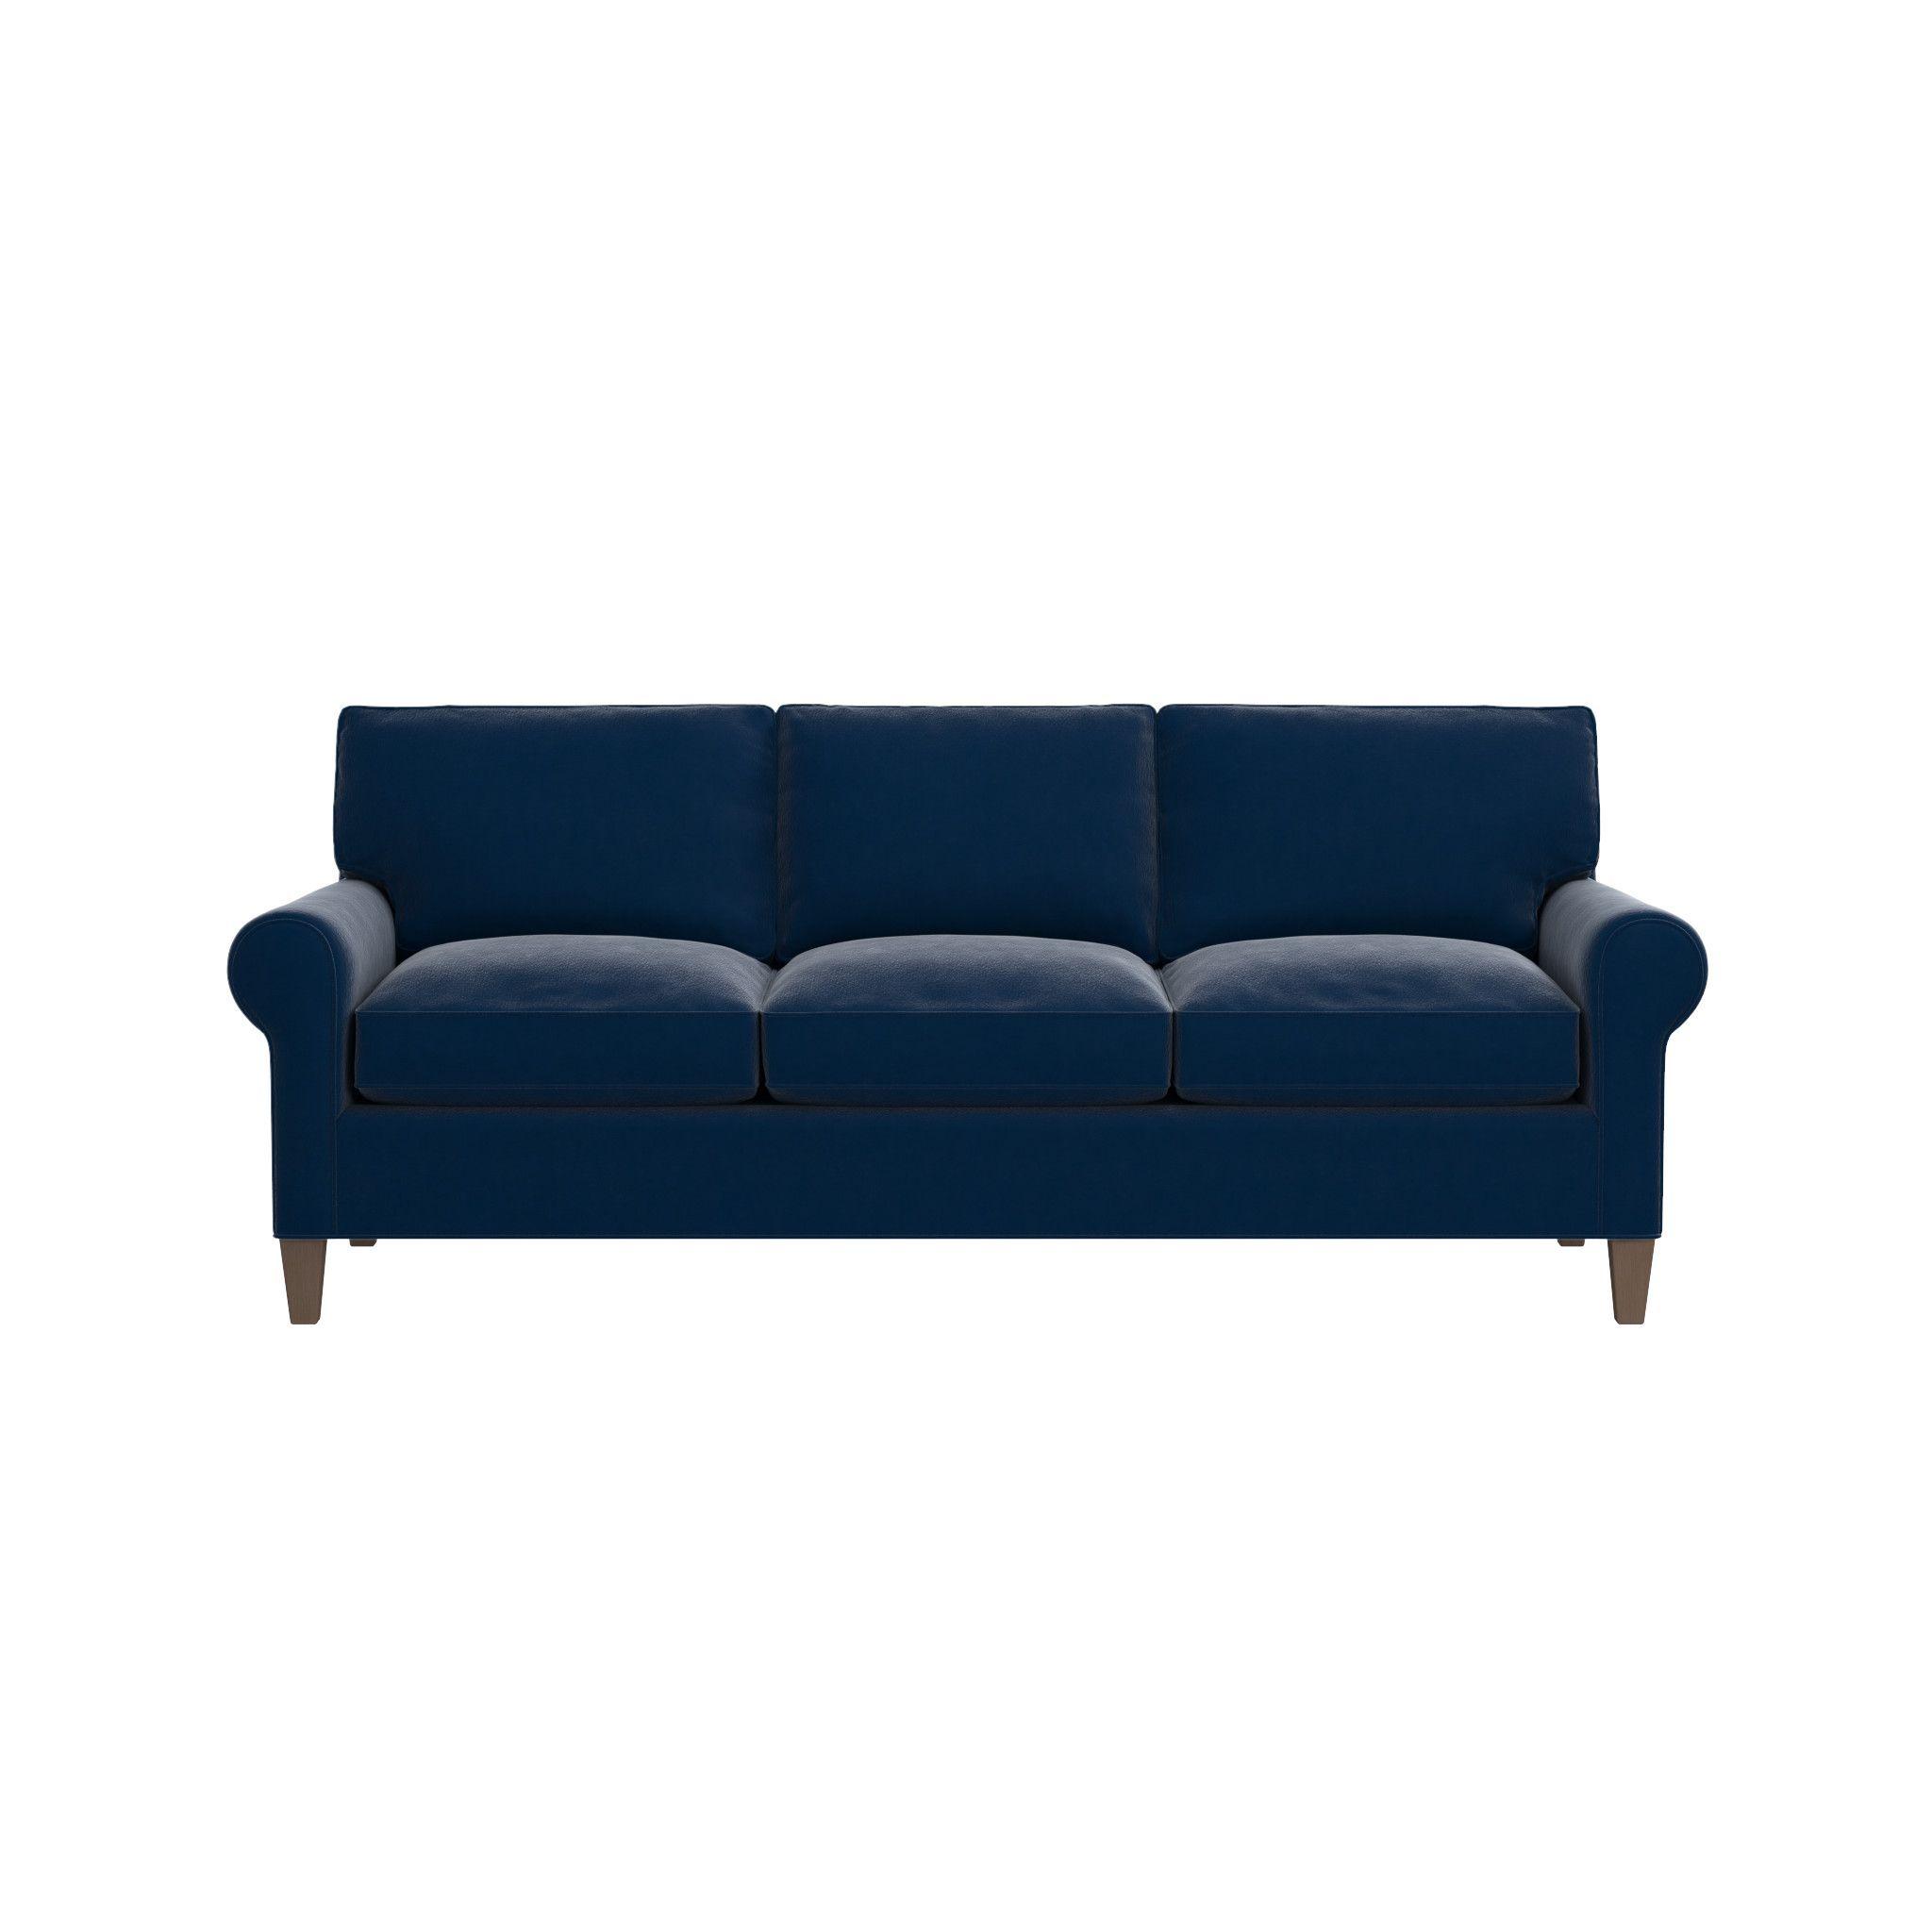 Montclair 3 Seat Sofa